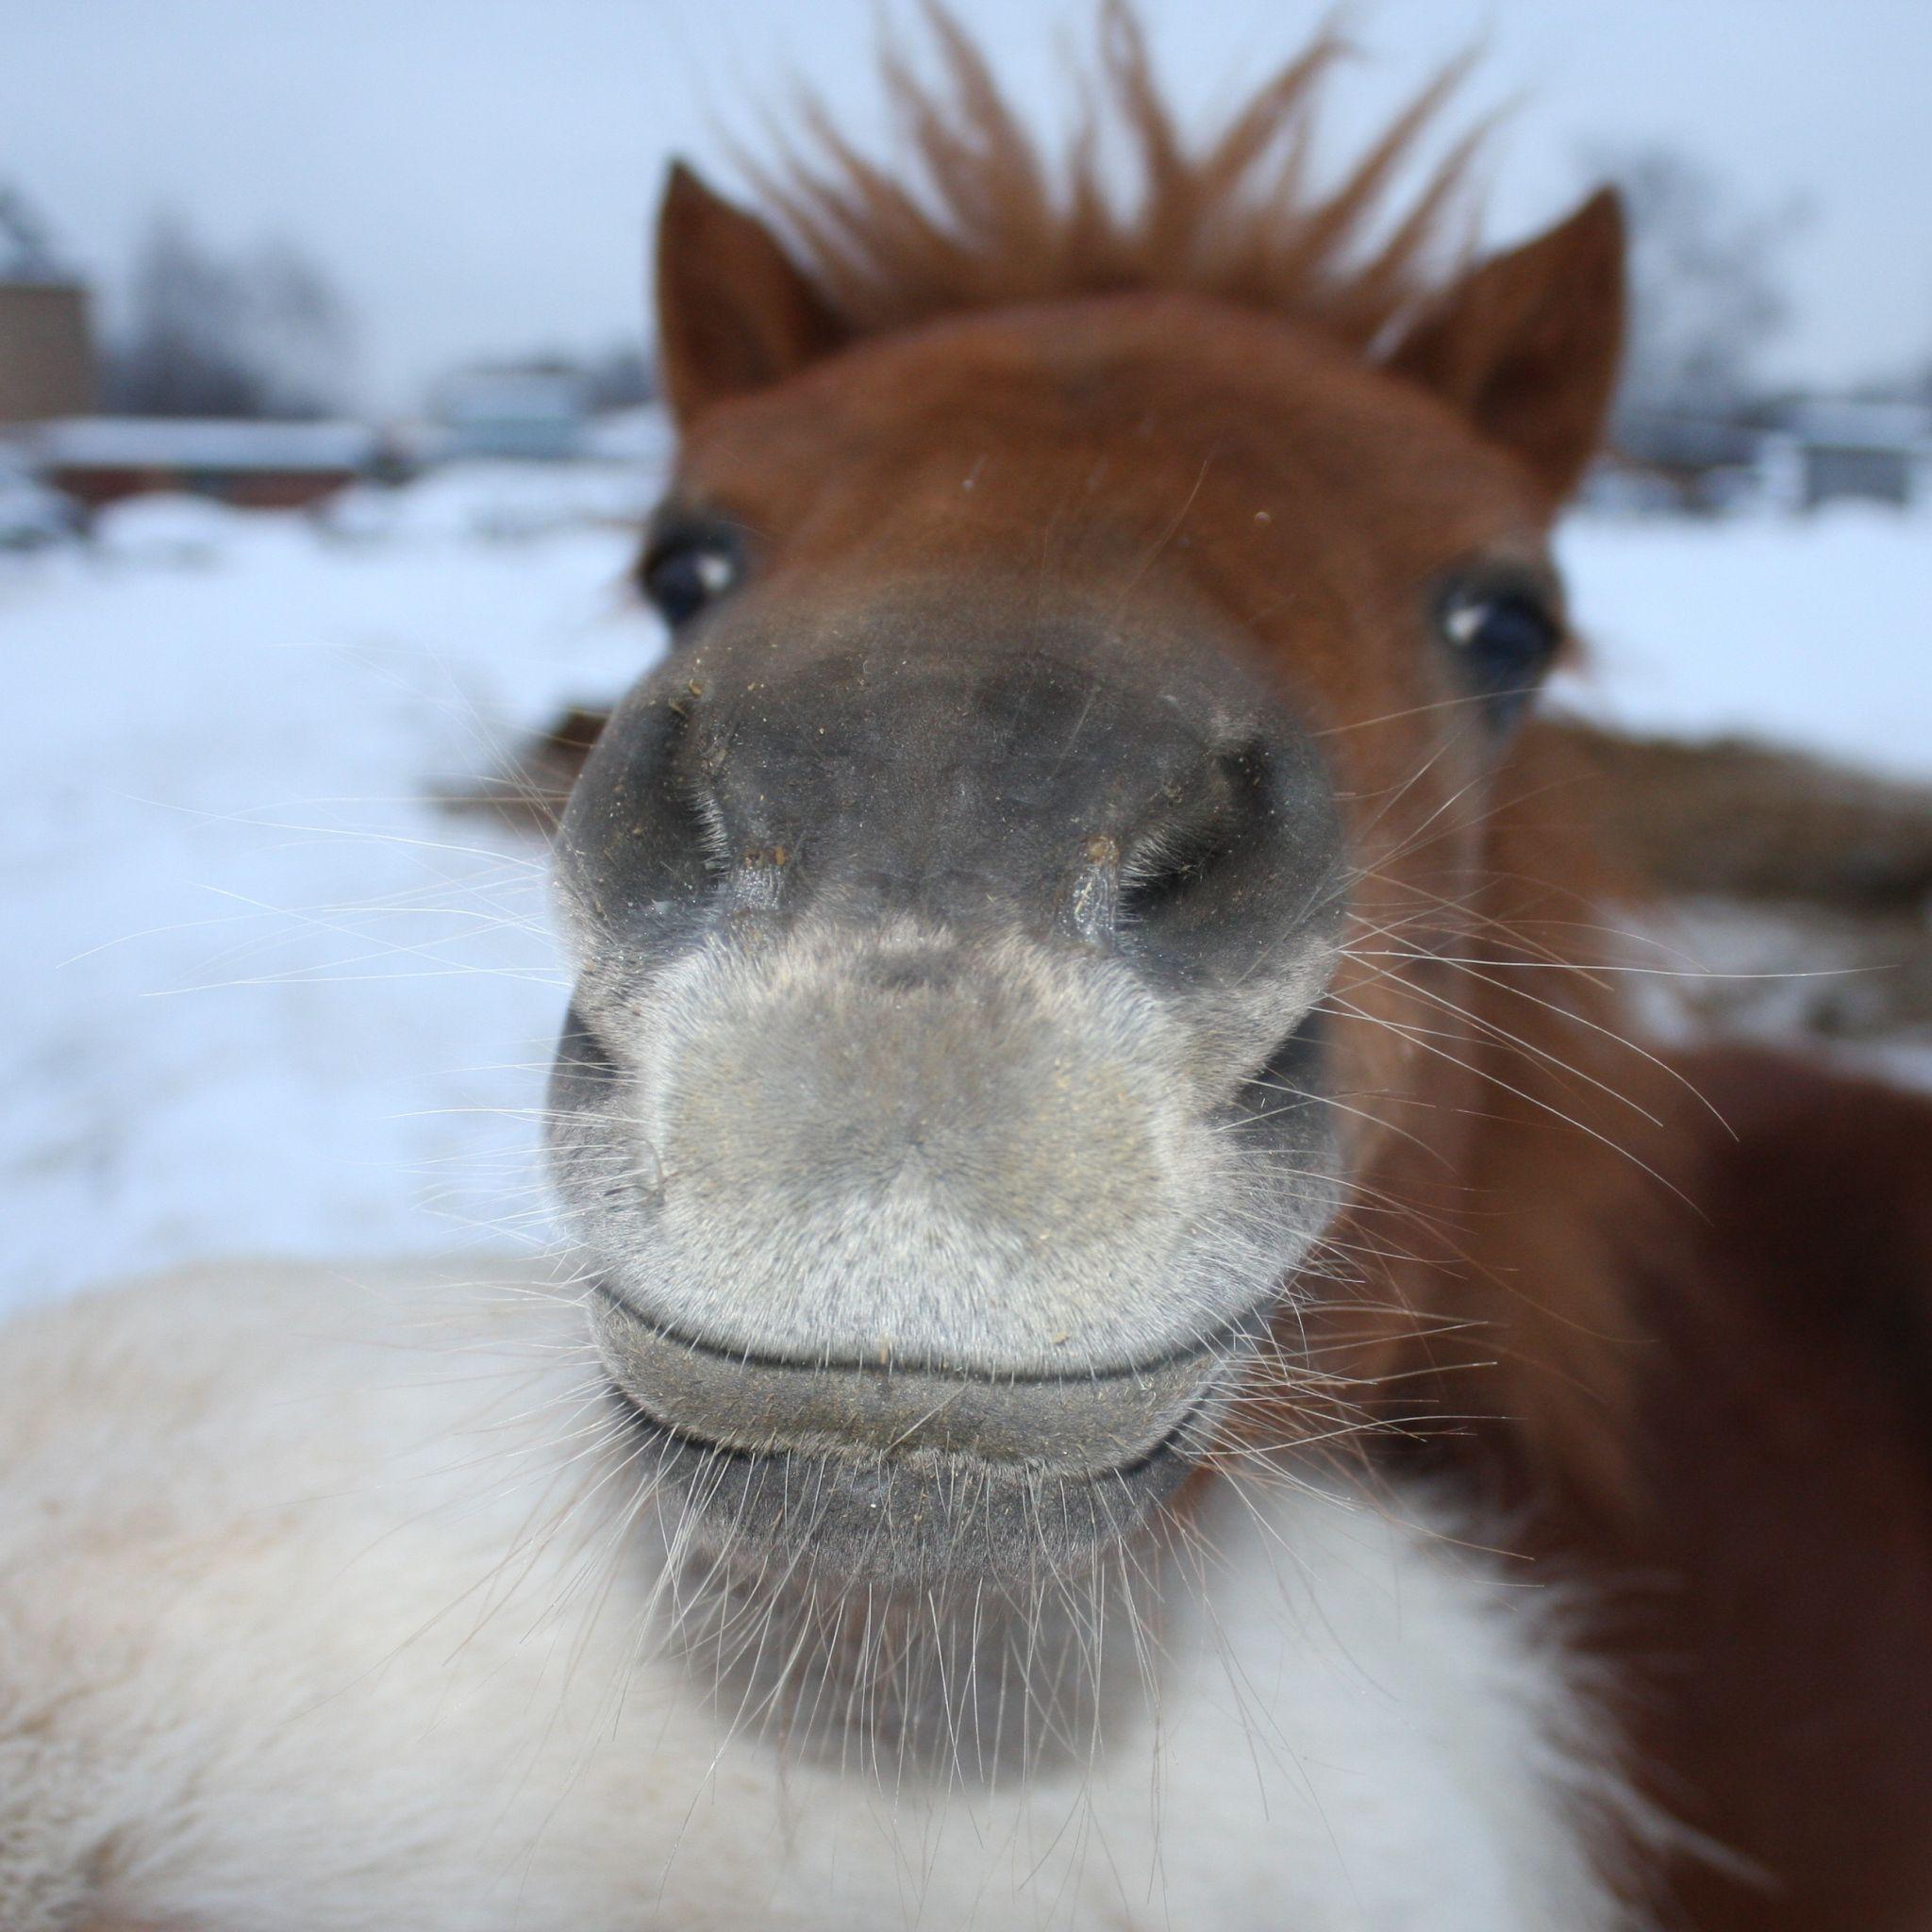 Download Wallpaper 2048x2048 Horse Face Nose New Ipad Air 4 3 Ipad Mini Retina Hd Background Funny Horse Pictures Horses Cute Horses